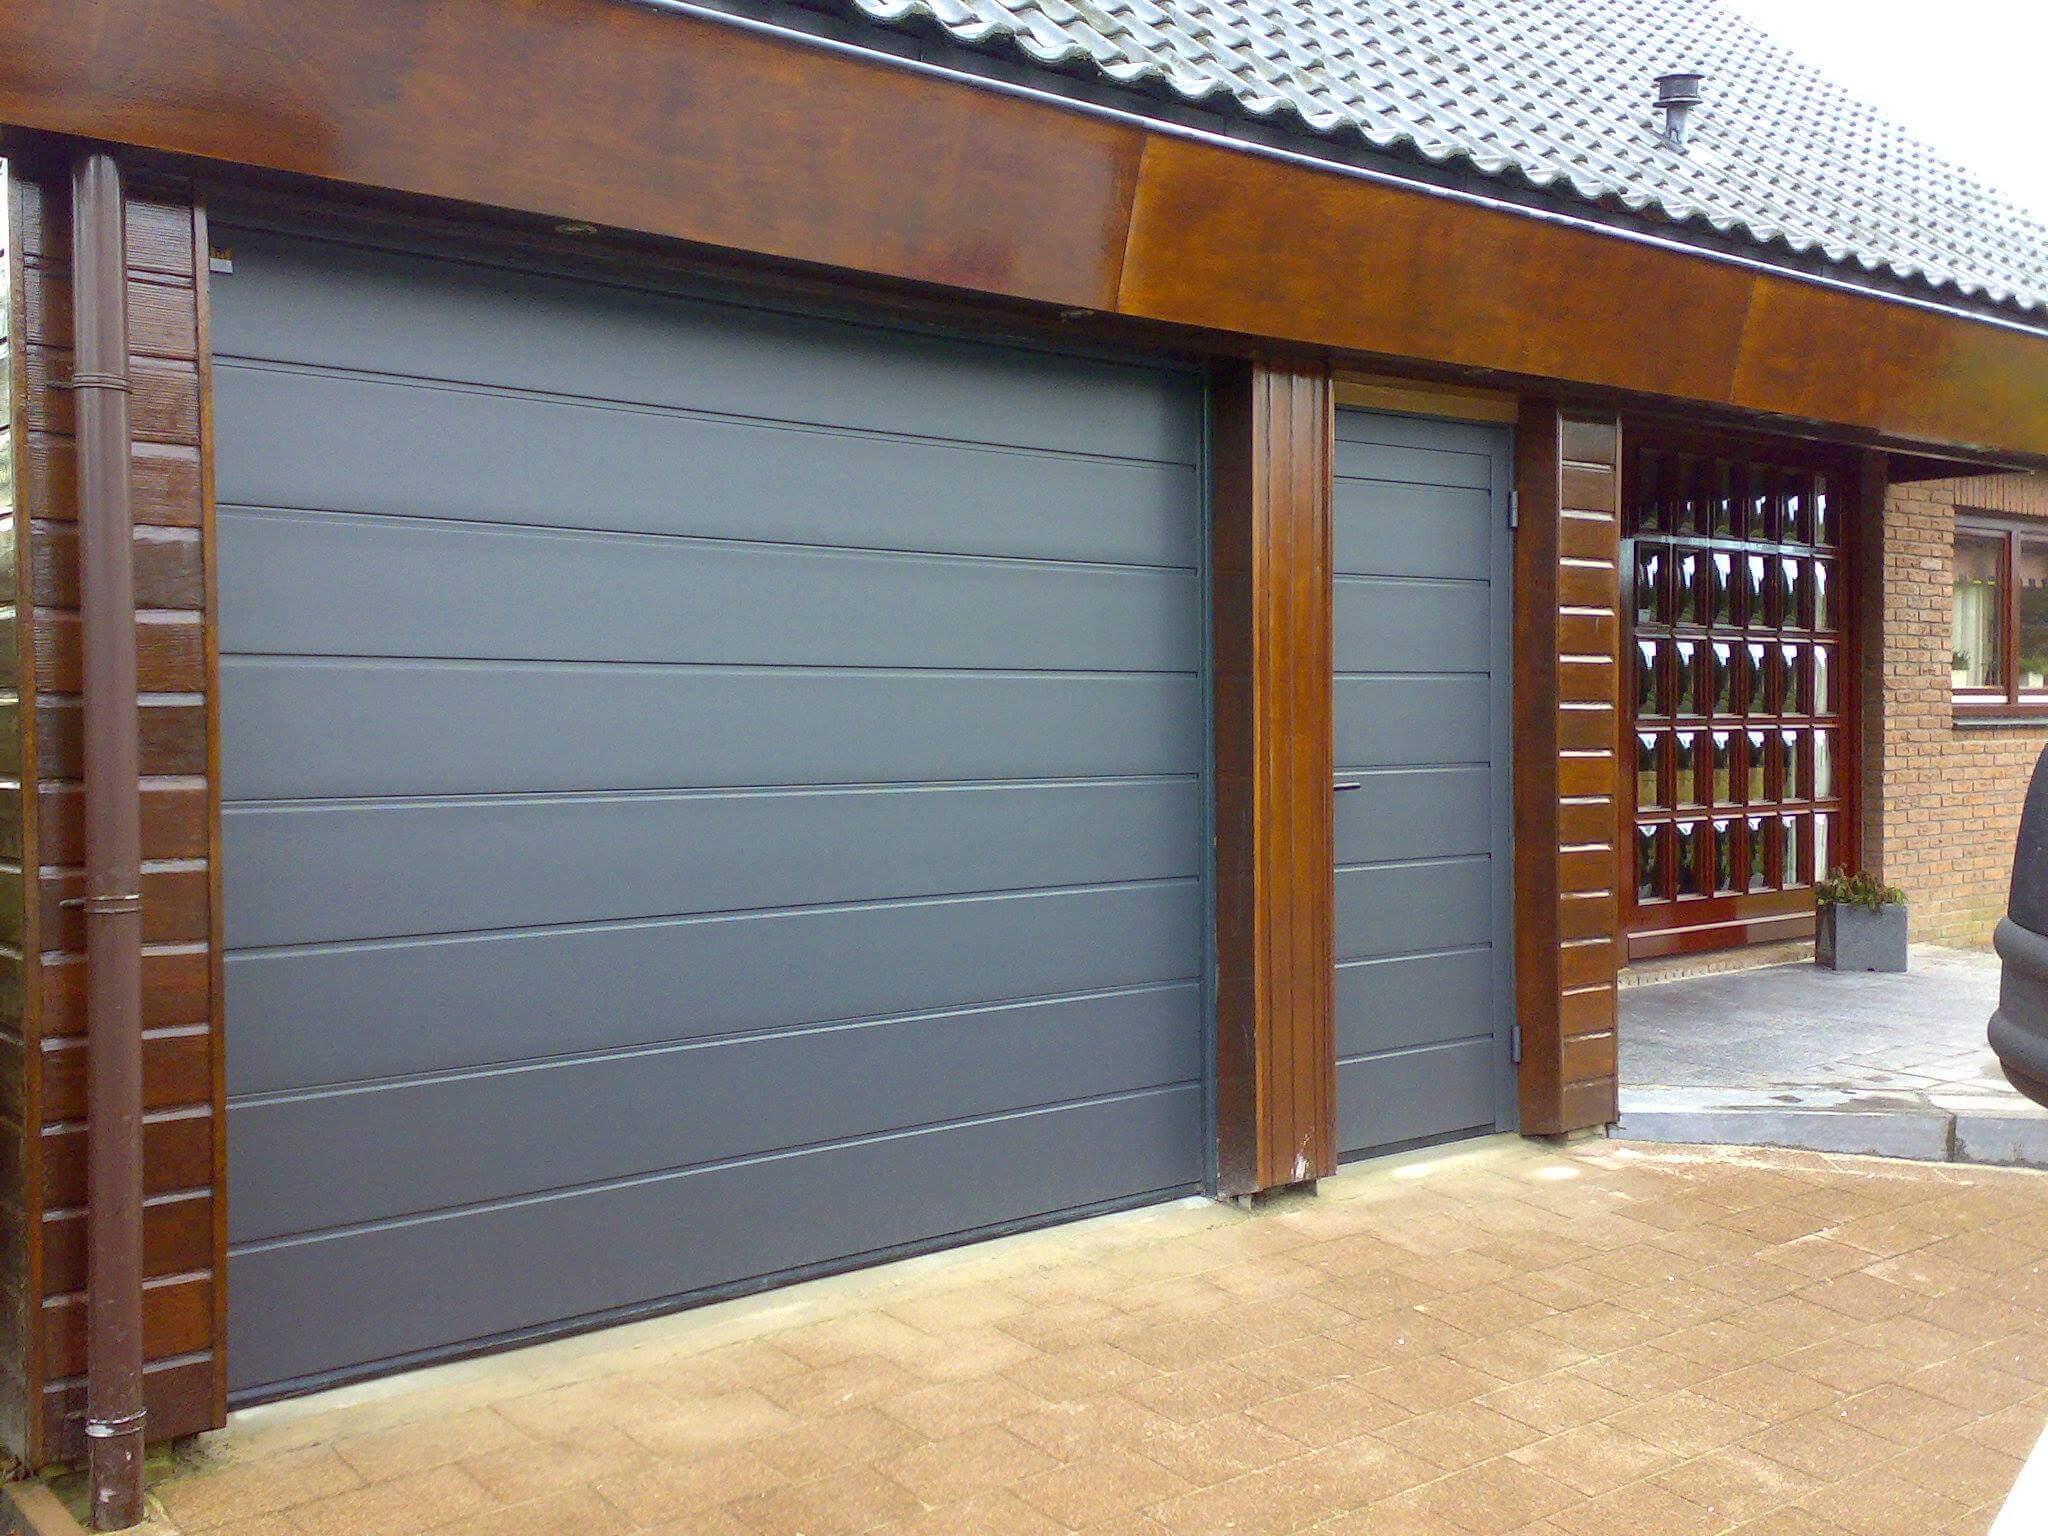 garagedeuren-garagedeur-groningen-drenthe-friesland